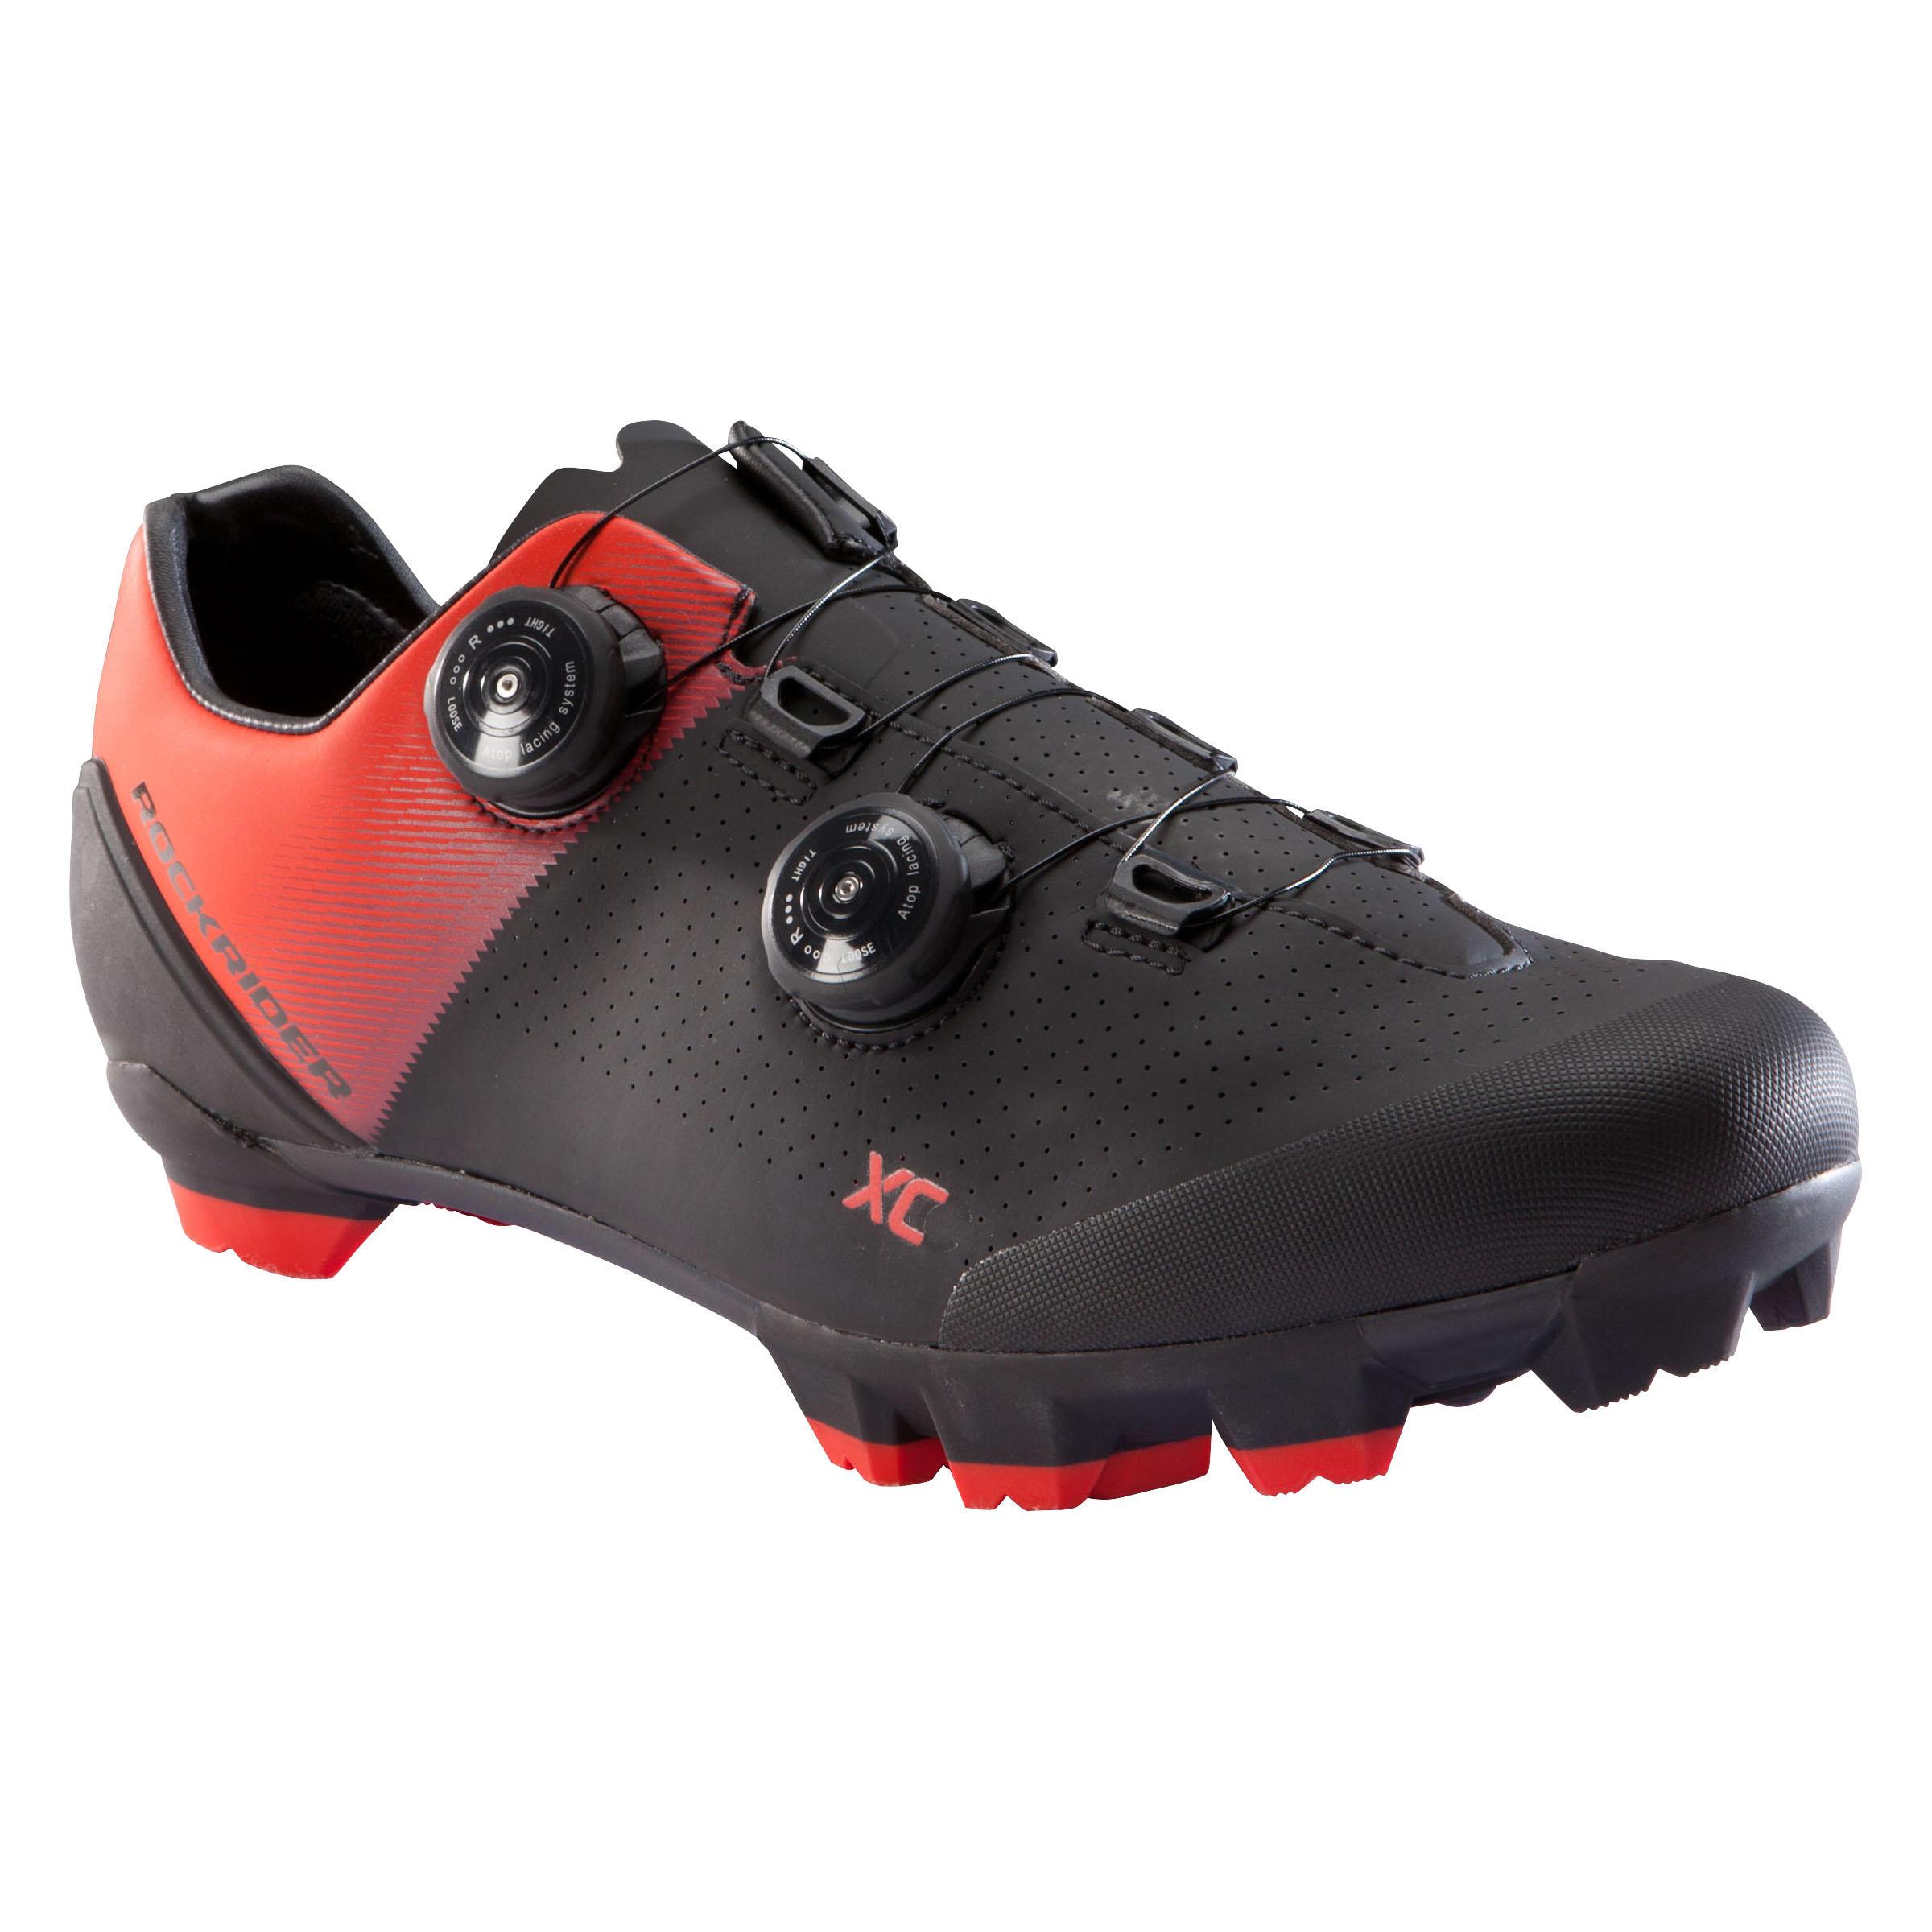 Fahrradschuhe XC 900 MTB | Schuhe > Sportschuhe > Fahrradschuhe | Rockrider